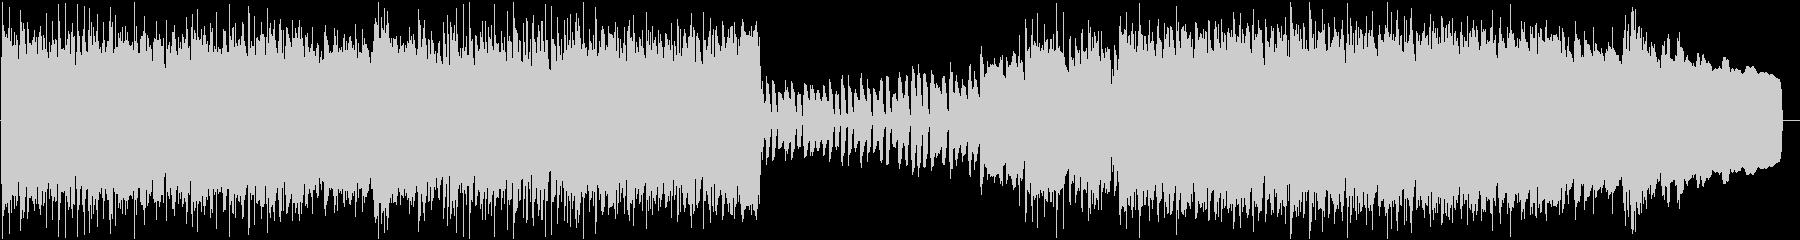 ファンタジー / 哀愁感あるケルト曲の未再生の波形